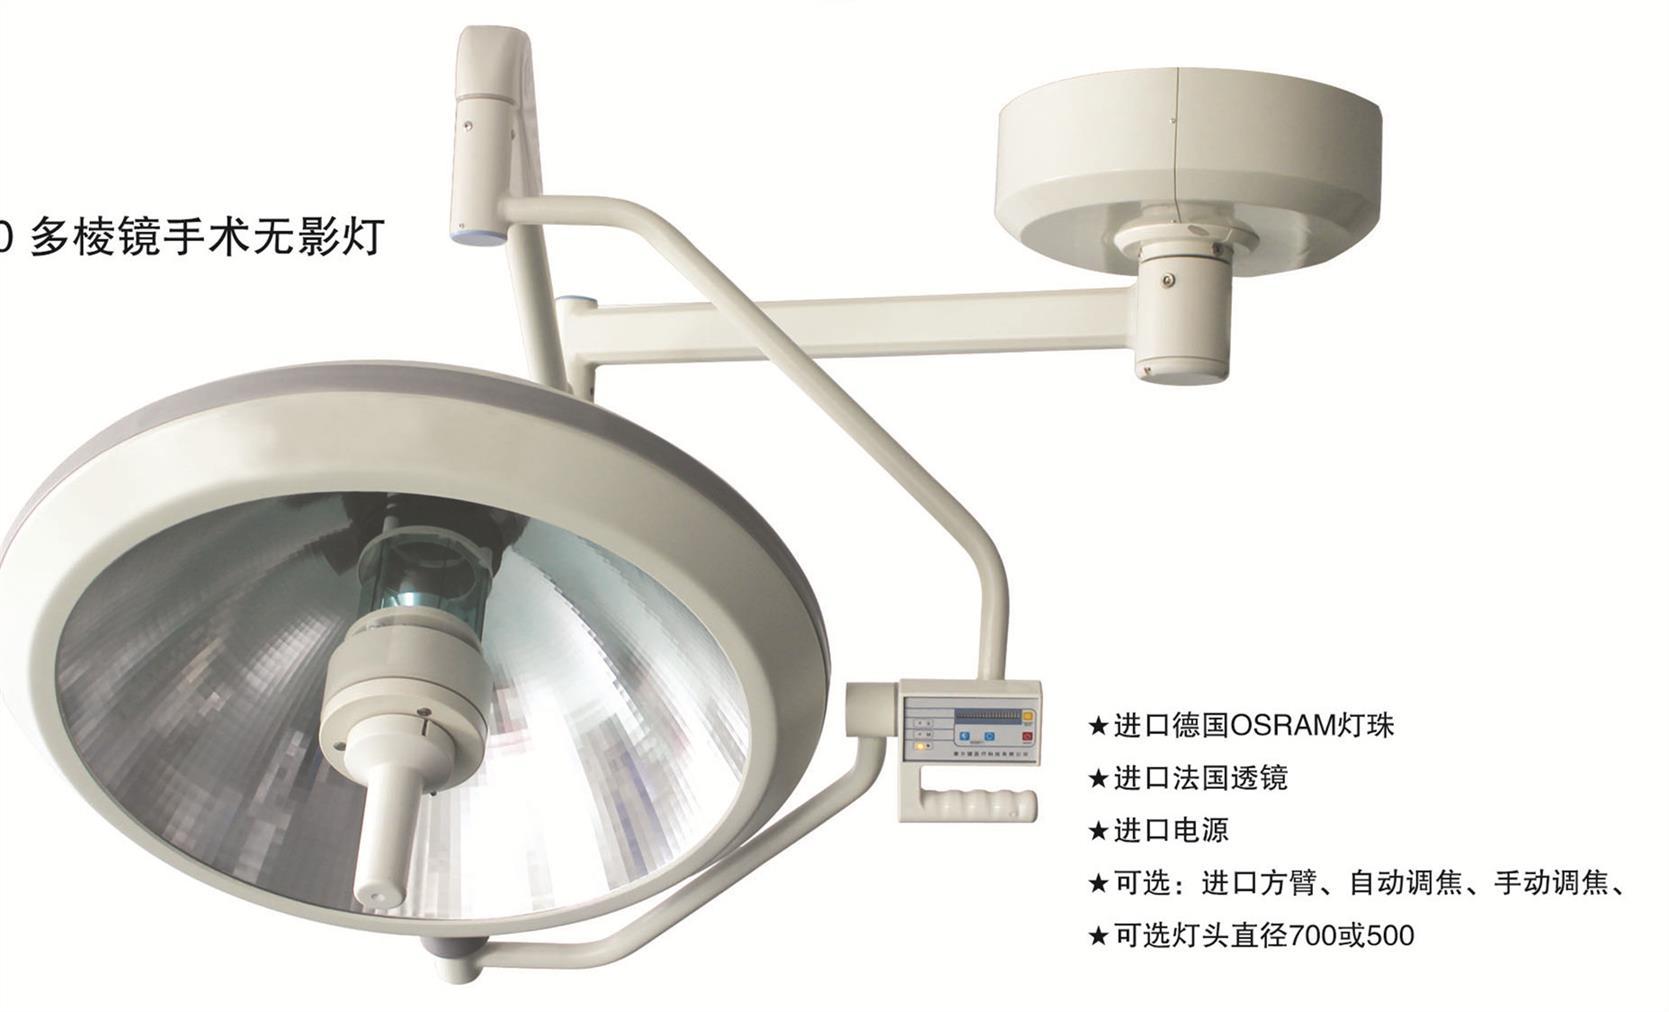 广州立式手术无影灯厂家 无影灯 质量上乘